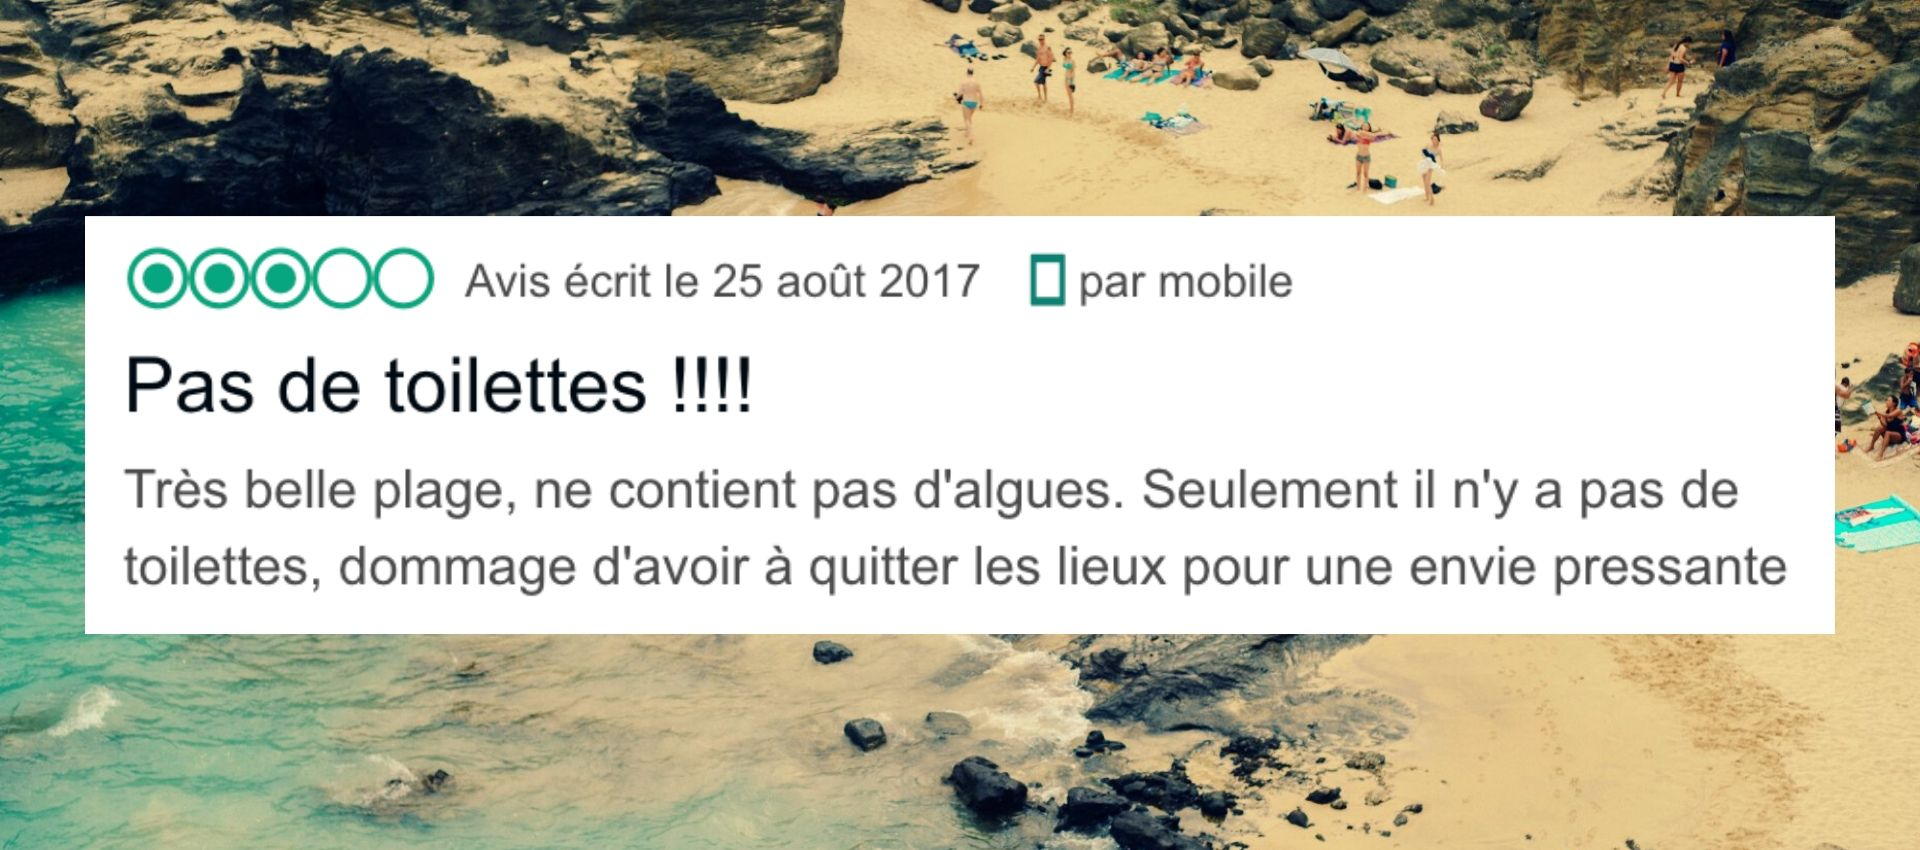 avis tripadvisor sur le manque de toilettes sur une plage